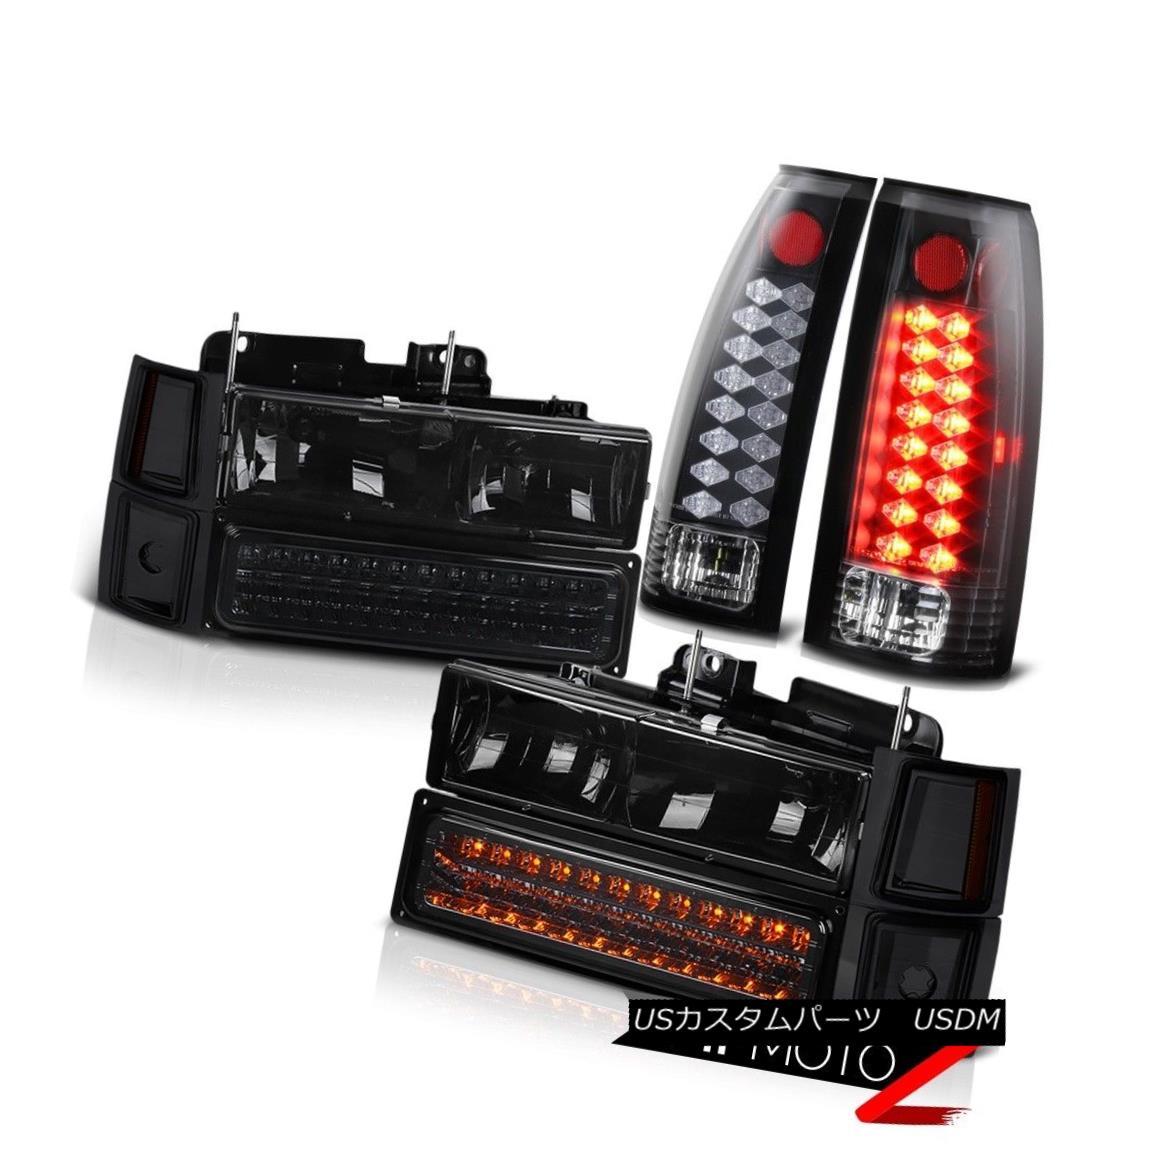 テールライト LED Signal Brake Parking Bulb Tail Light+Corner Side Marker Headlight Bumper set LED信号ブレーキ駐車場電球テールライト+コーナーサイドマーカーヘッドライトバンパーセット